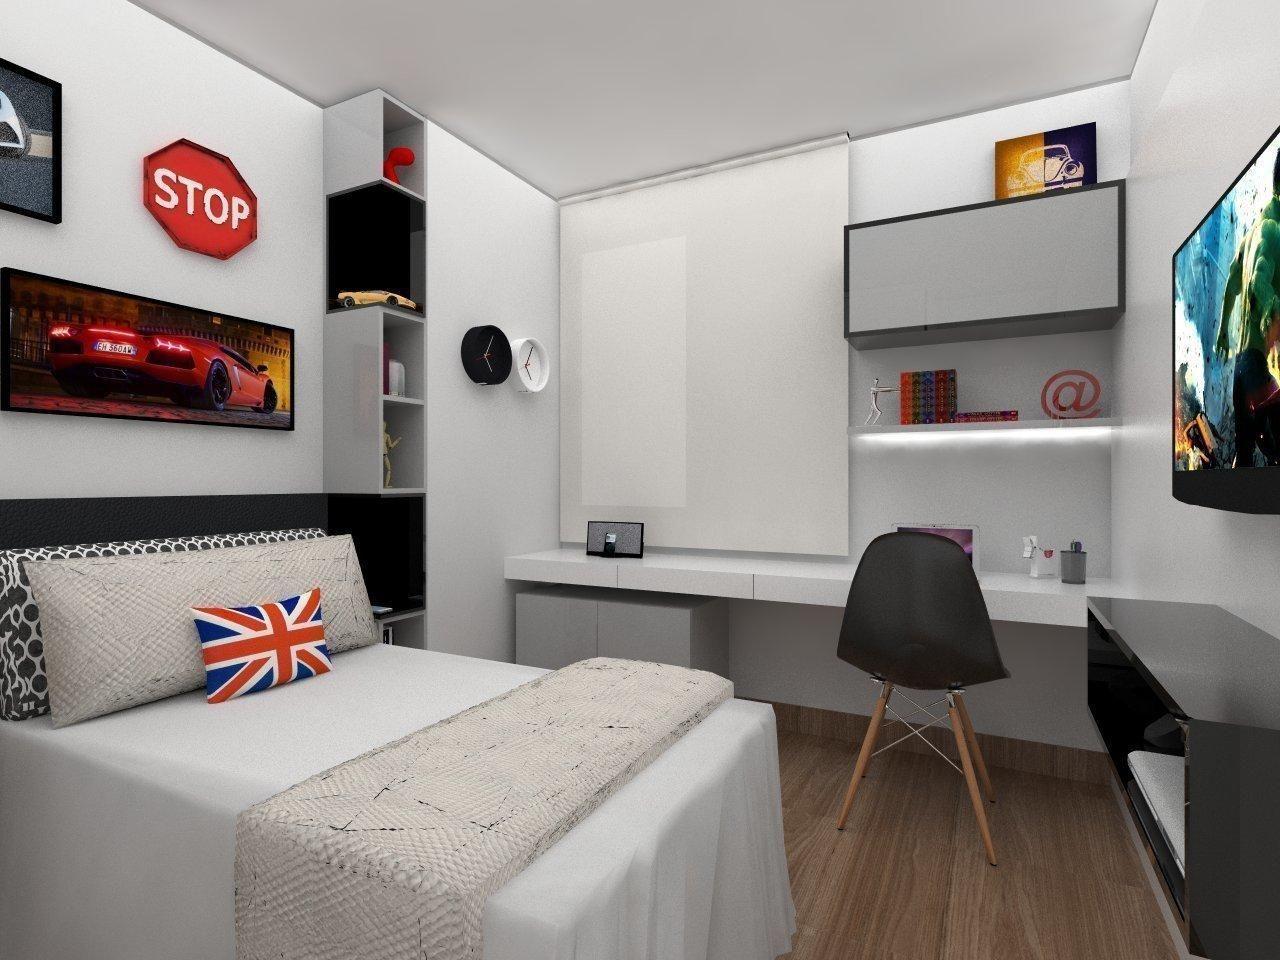 Quarto Com Quadro De Carro De Amis Arquitetura Design 103506 No  -> Sala Quarto Cozinha Carro